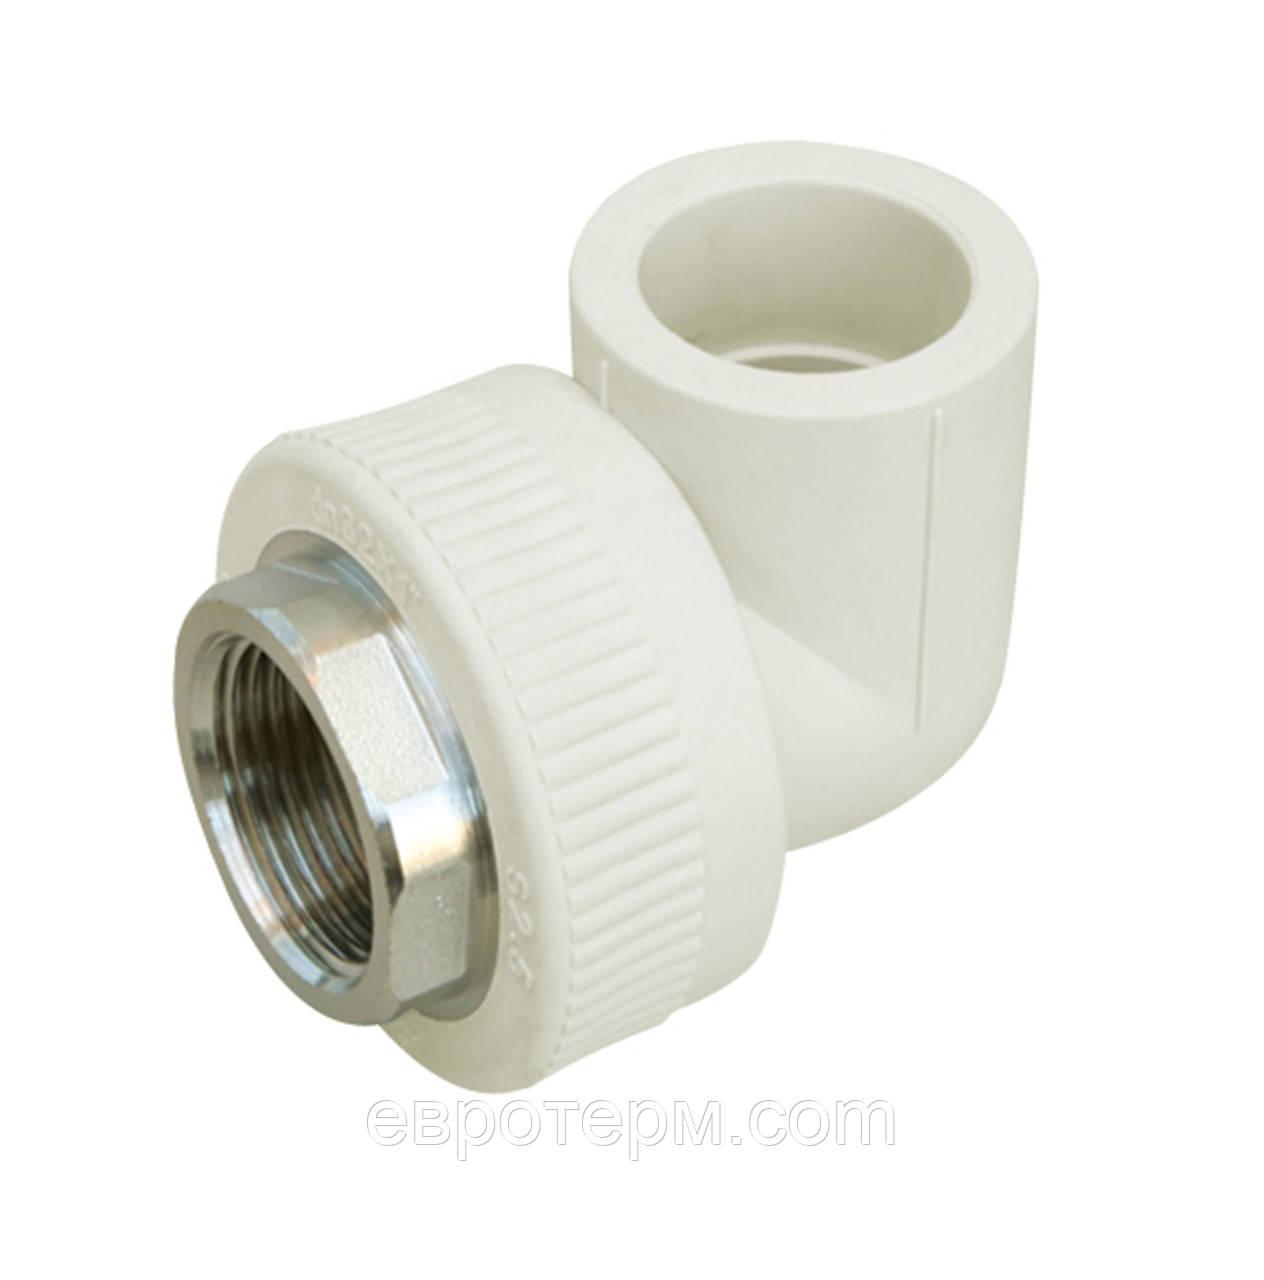 Колено (угол) ППР под ключ с внутренней резьбой 40 х 1 1/4 для полипропиленовых труб Evci Plastik